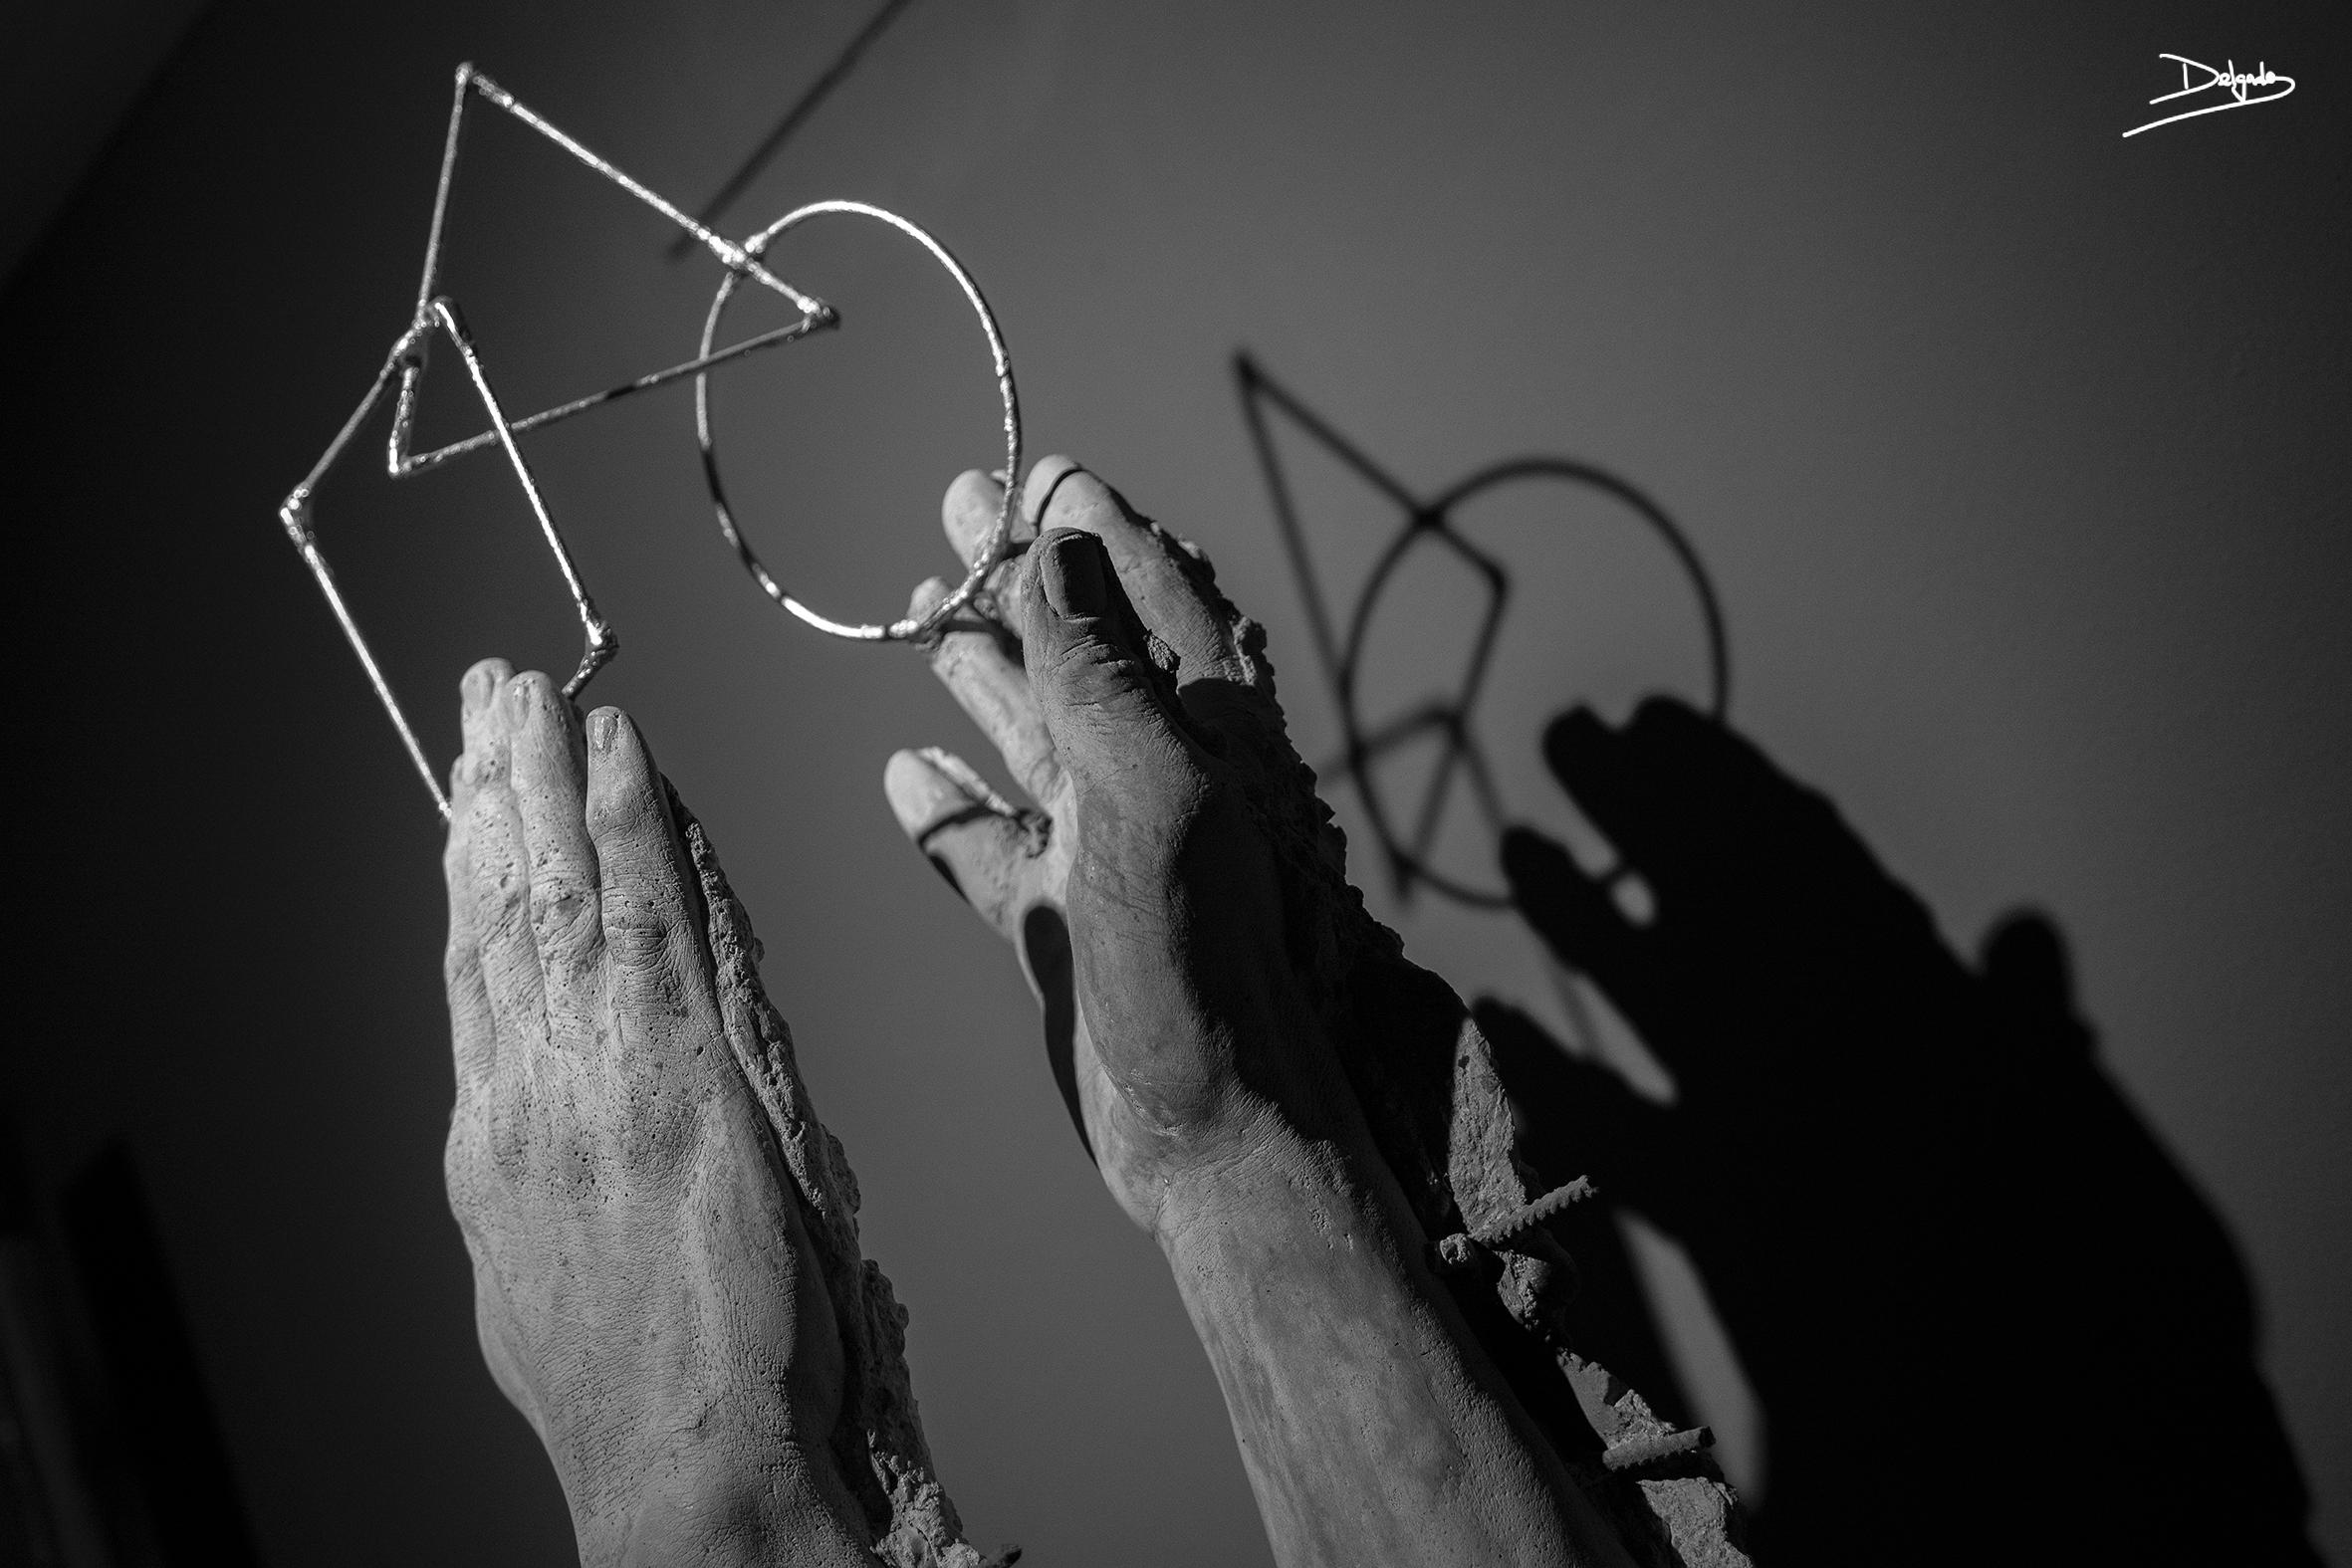 Foto del día: La Geometría de la Luz